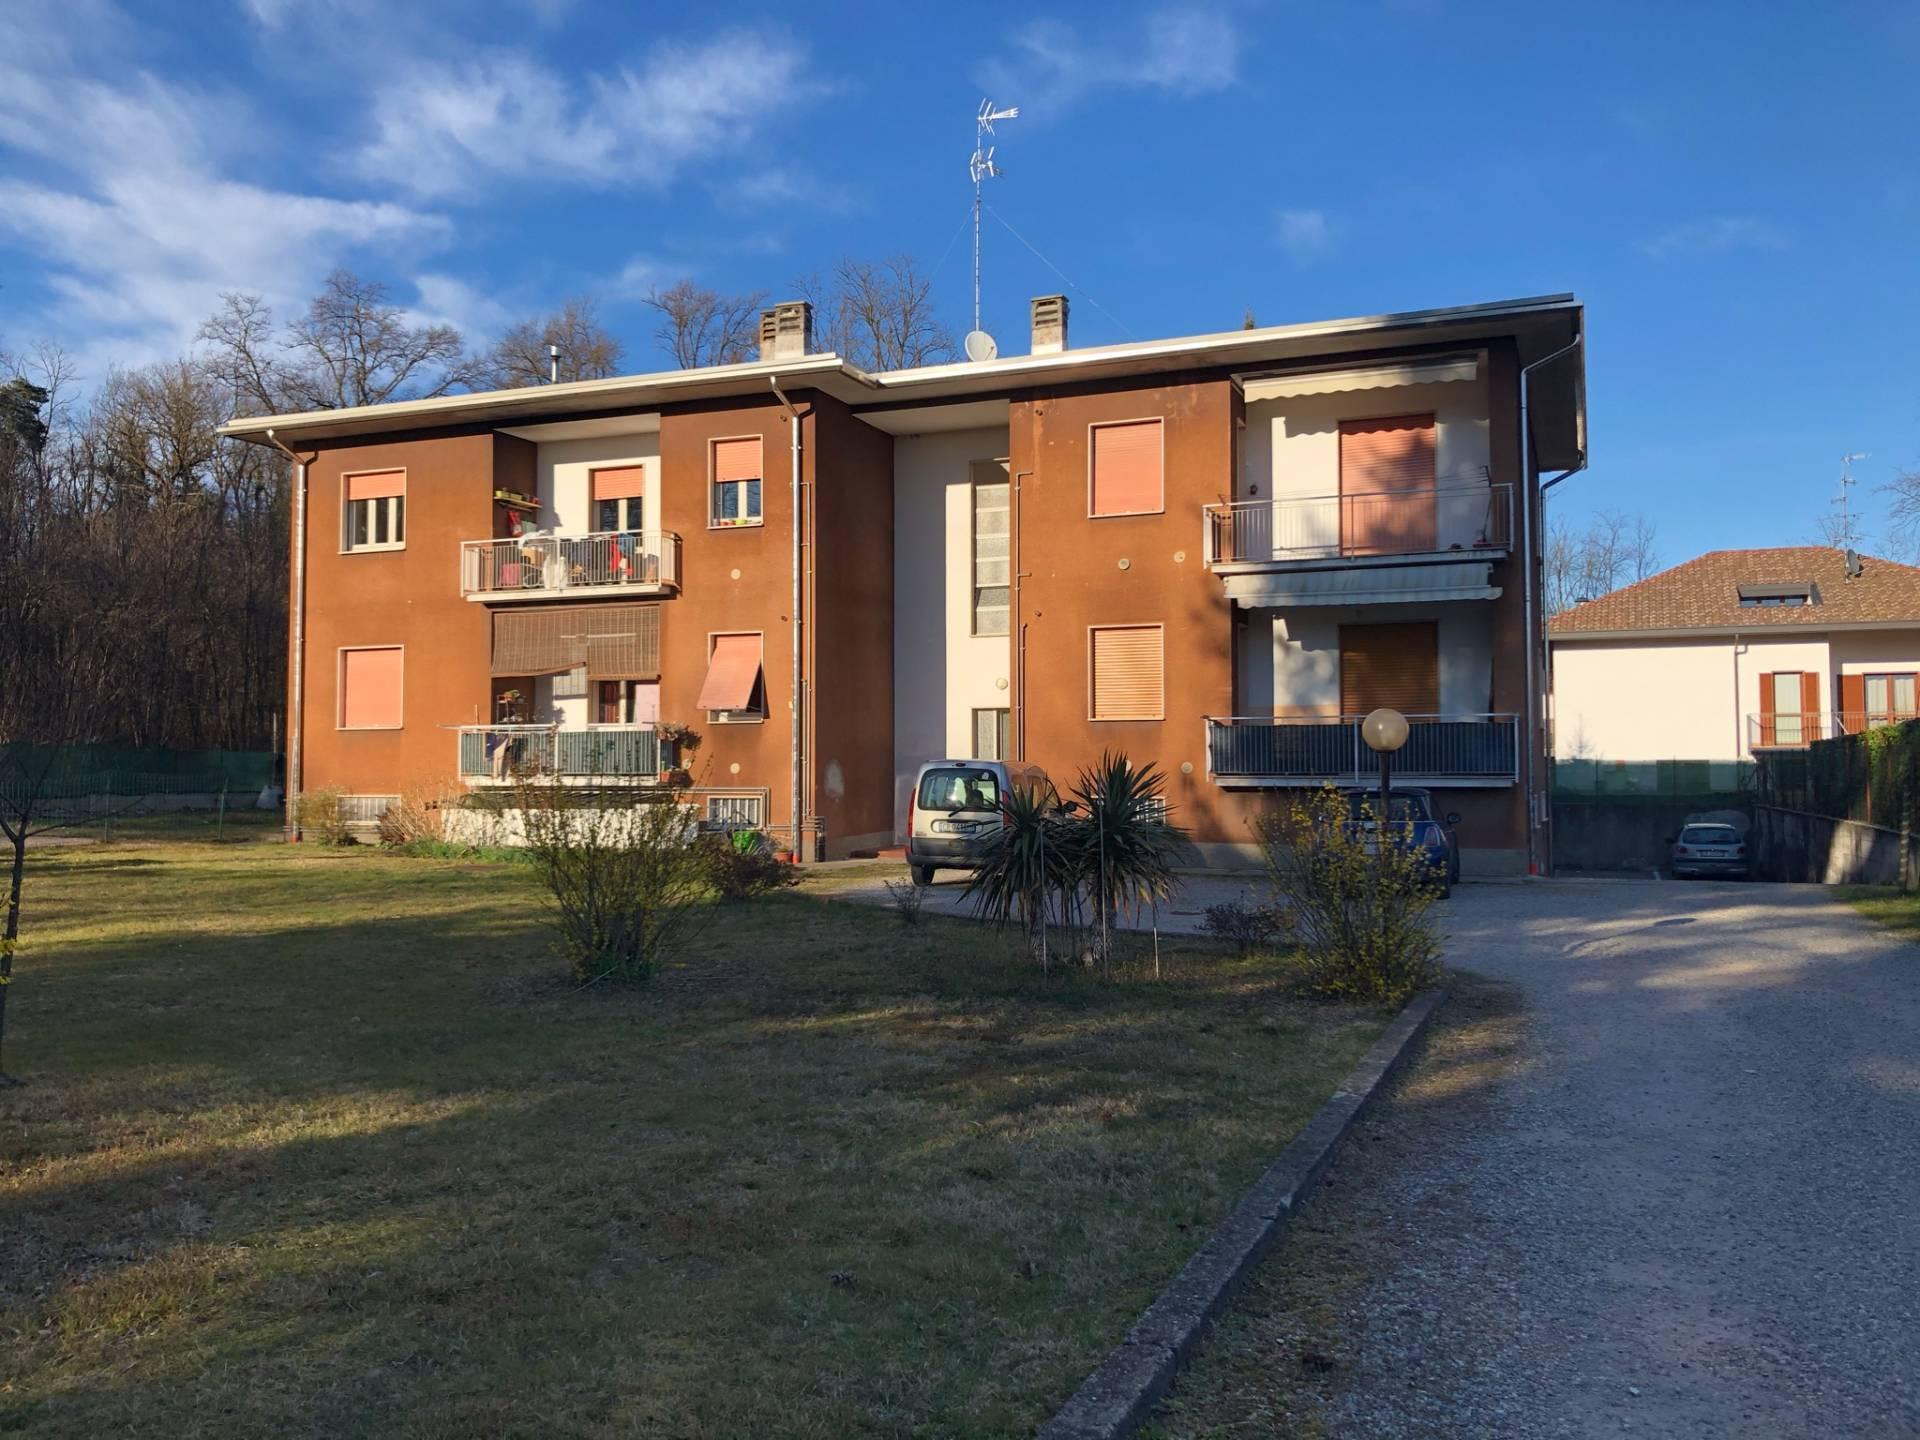 Appartamento in vendita a Besnate, 3 locali, prezzo € 105.000 | PortaleAgenzieImmobiliari.it